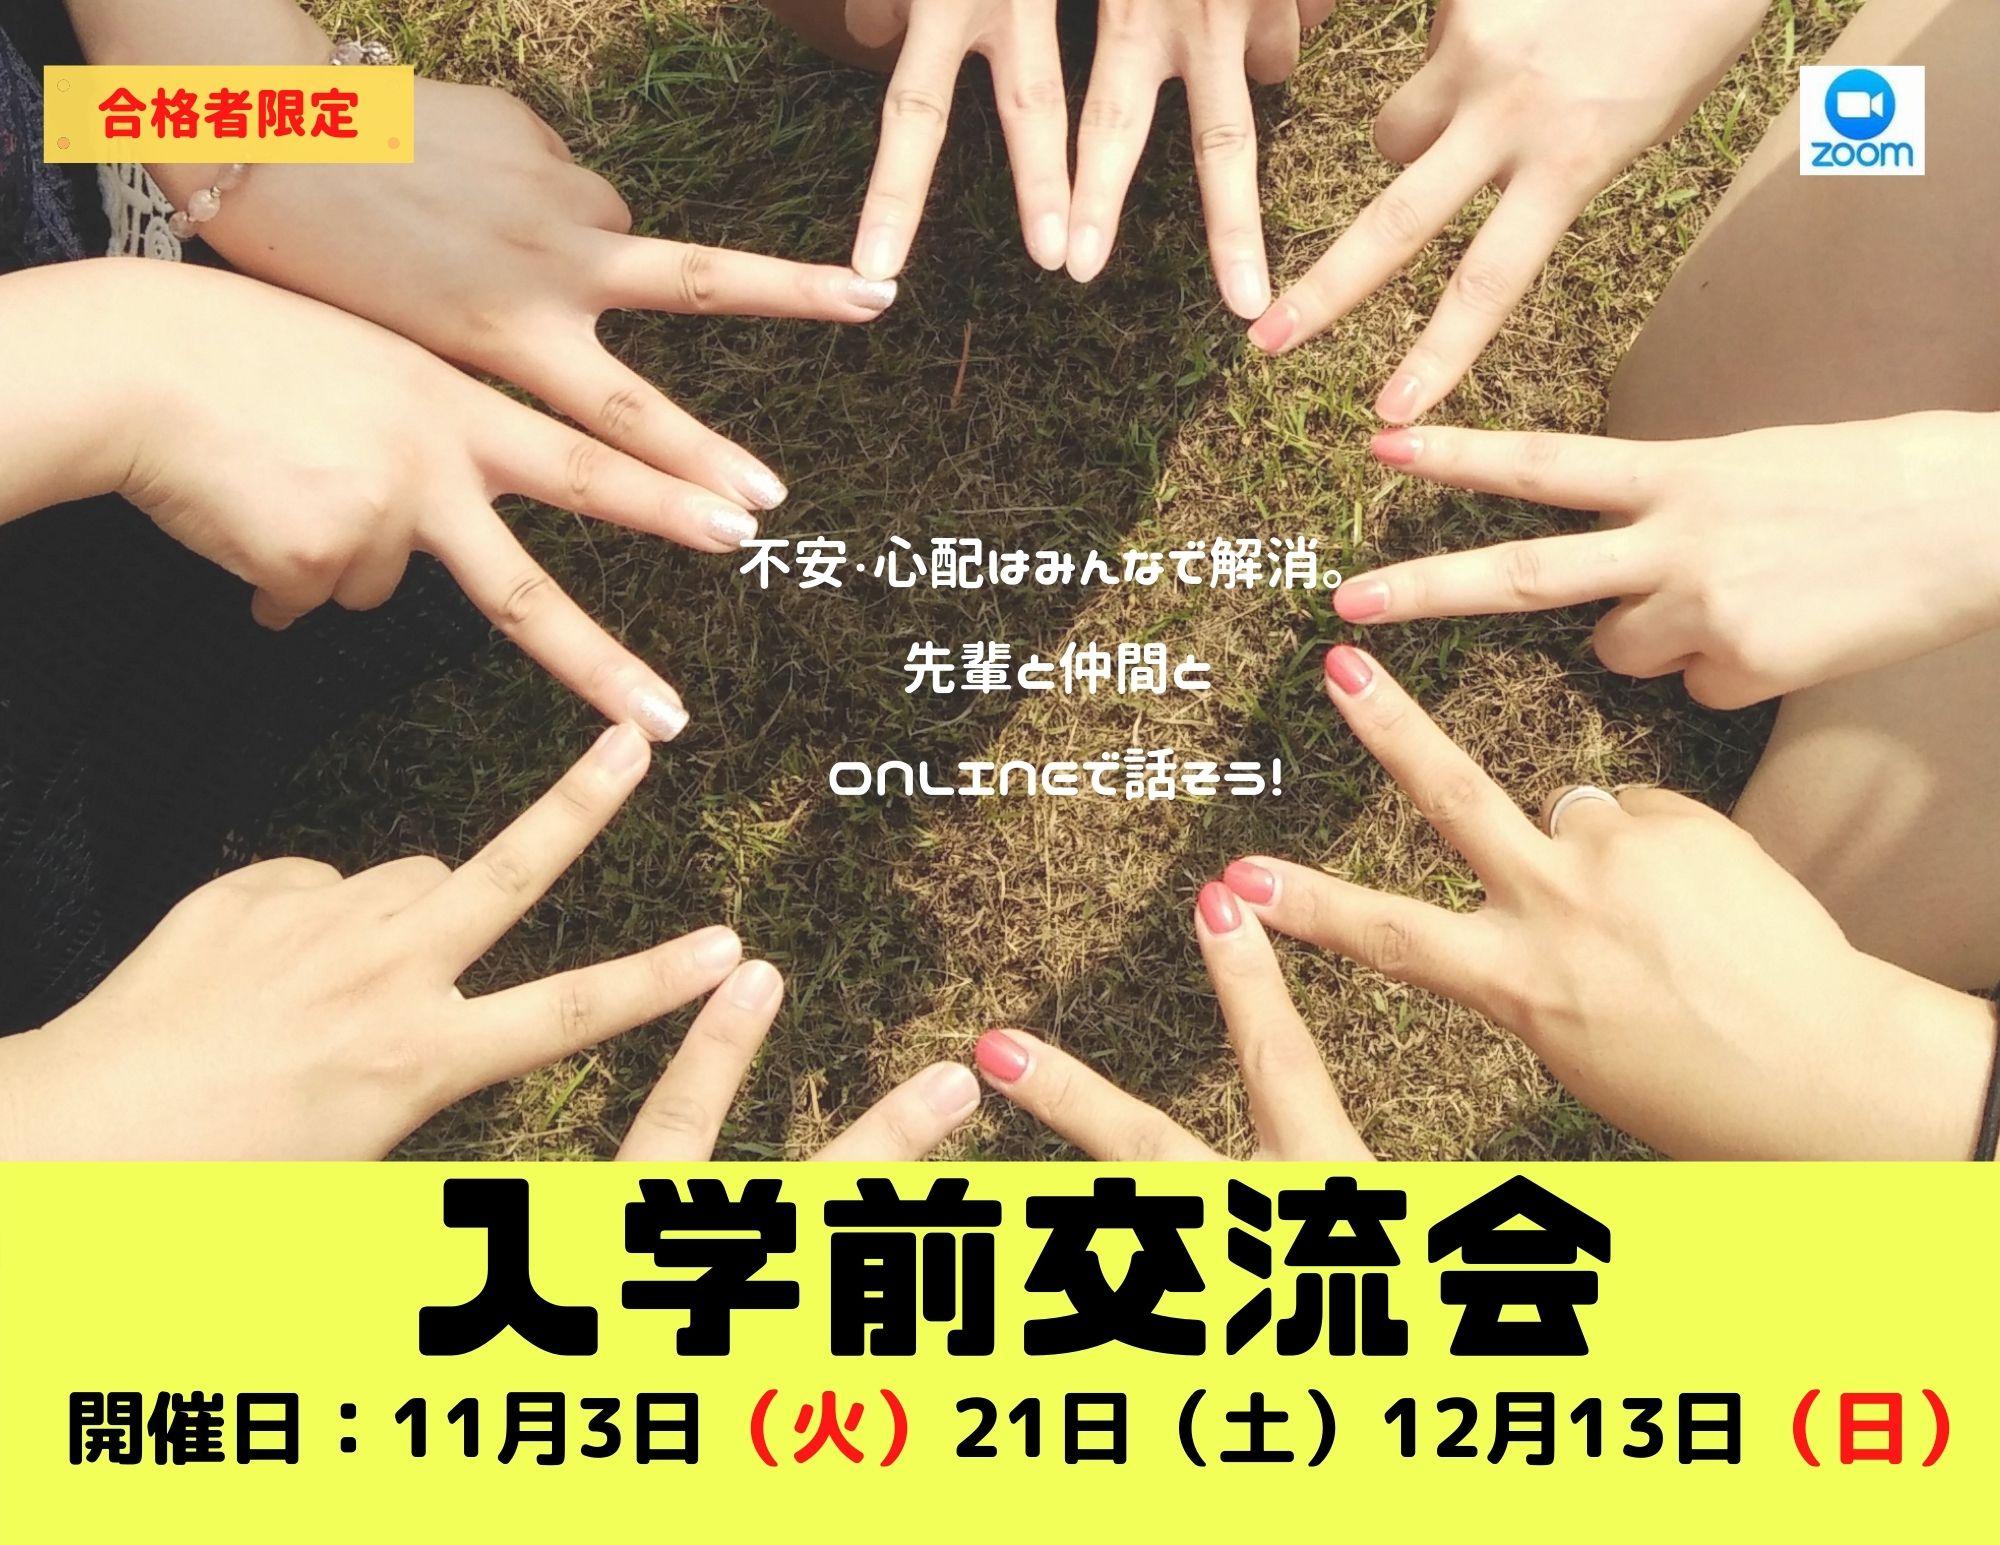 【合格者限定】入学前交流会開催(Online)